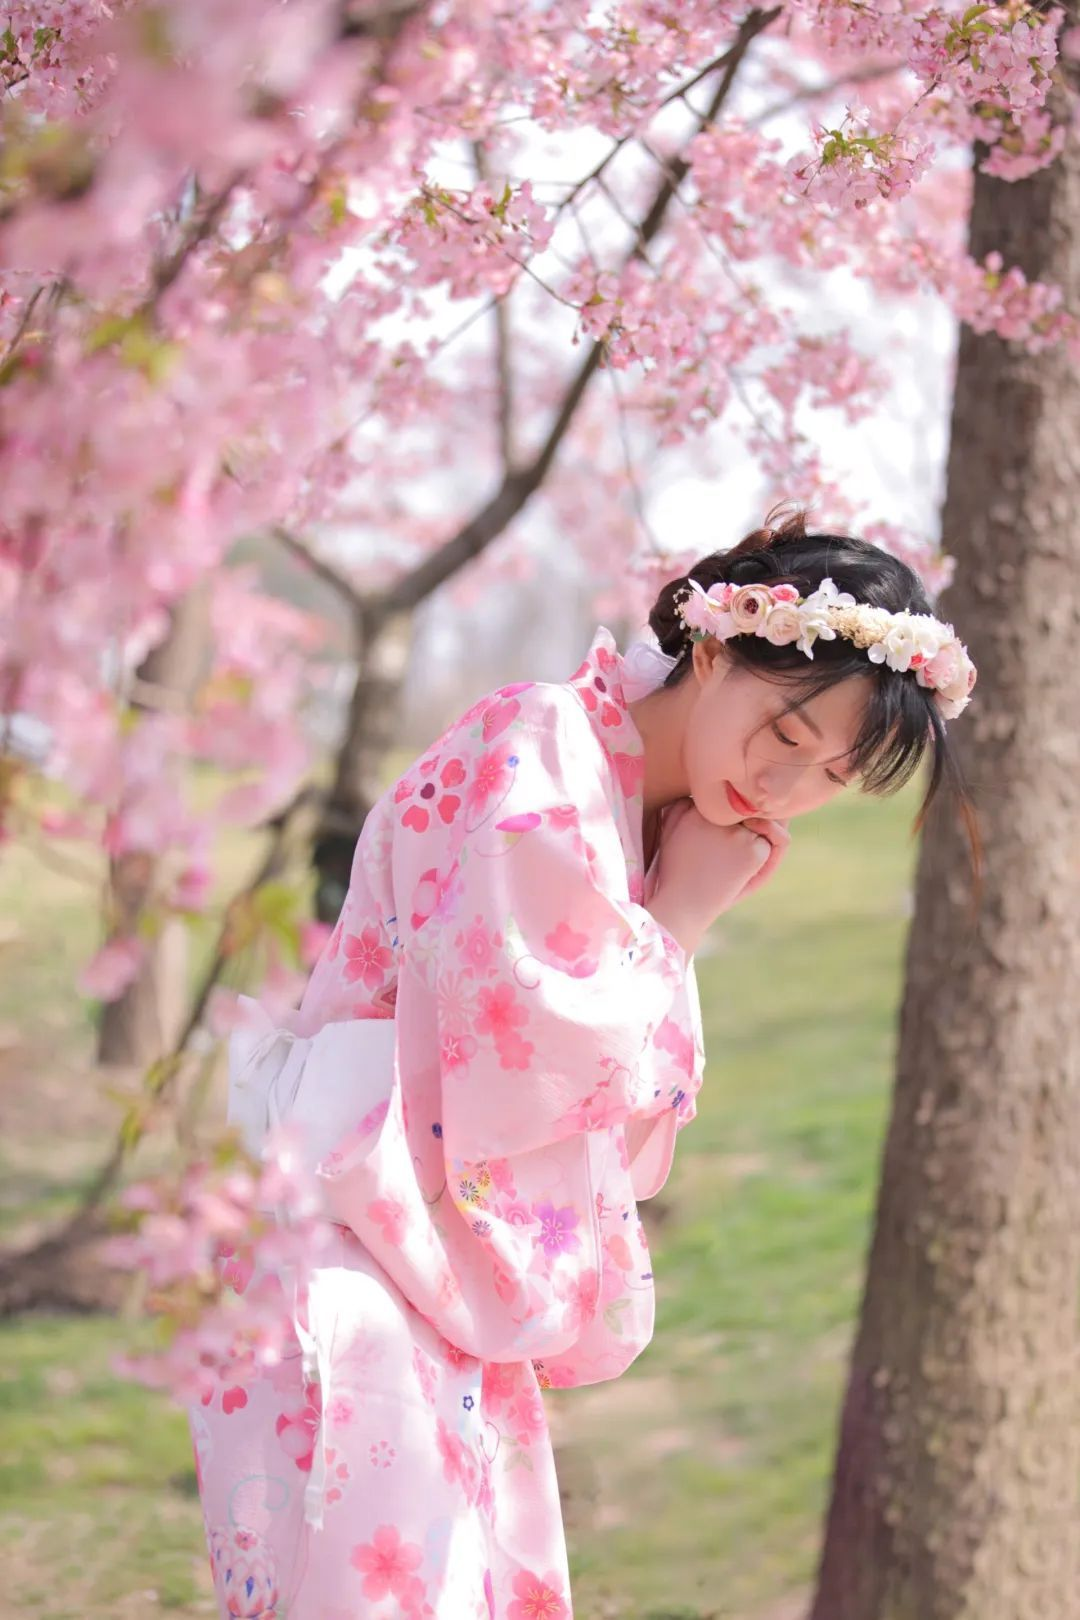 妹子摄影 – 粉粉的日系少女樱花树下写真_图片 No.27